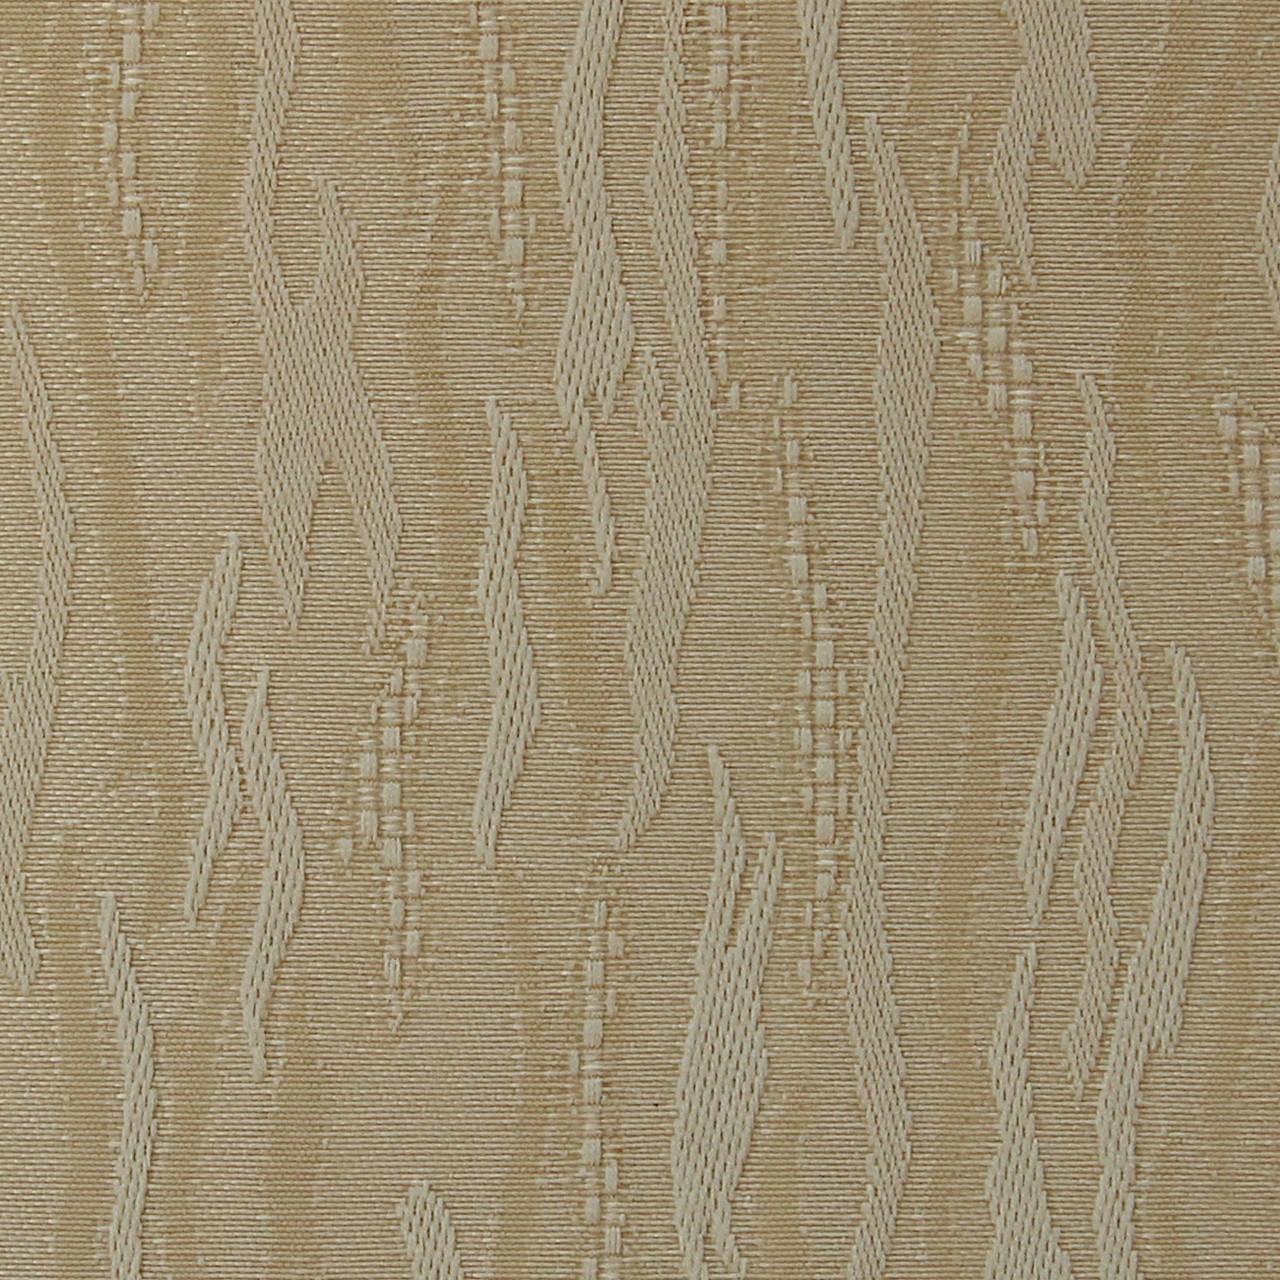 Рулонные шторы Ткань Лазурь (Lasur) 2063 Коричневый